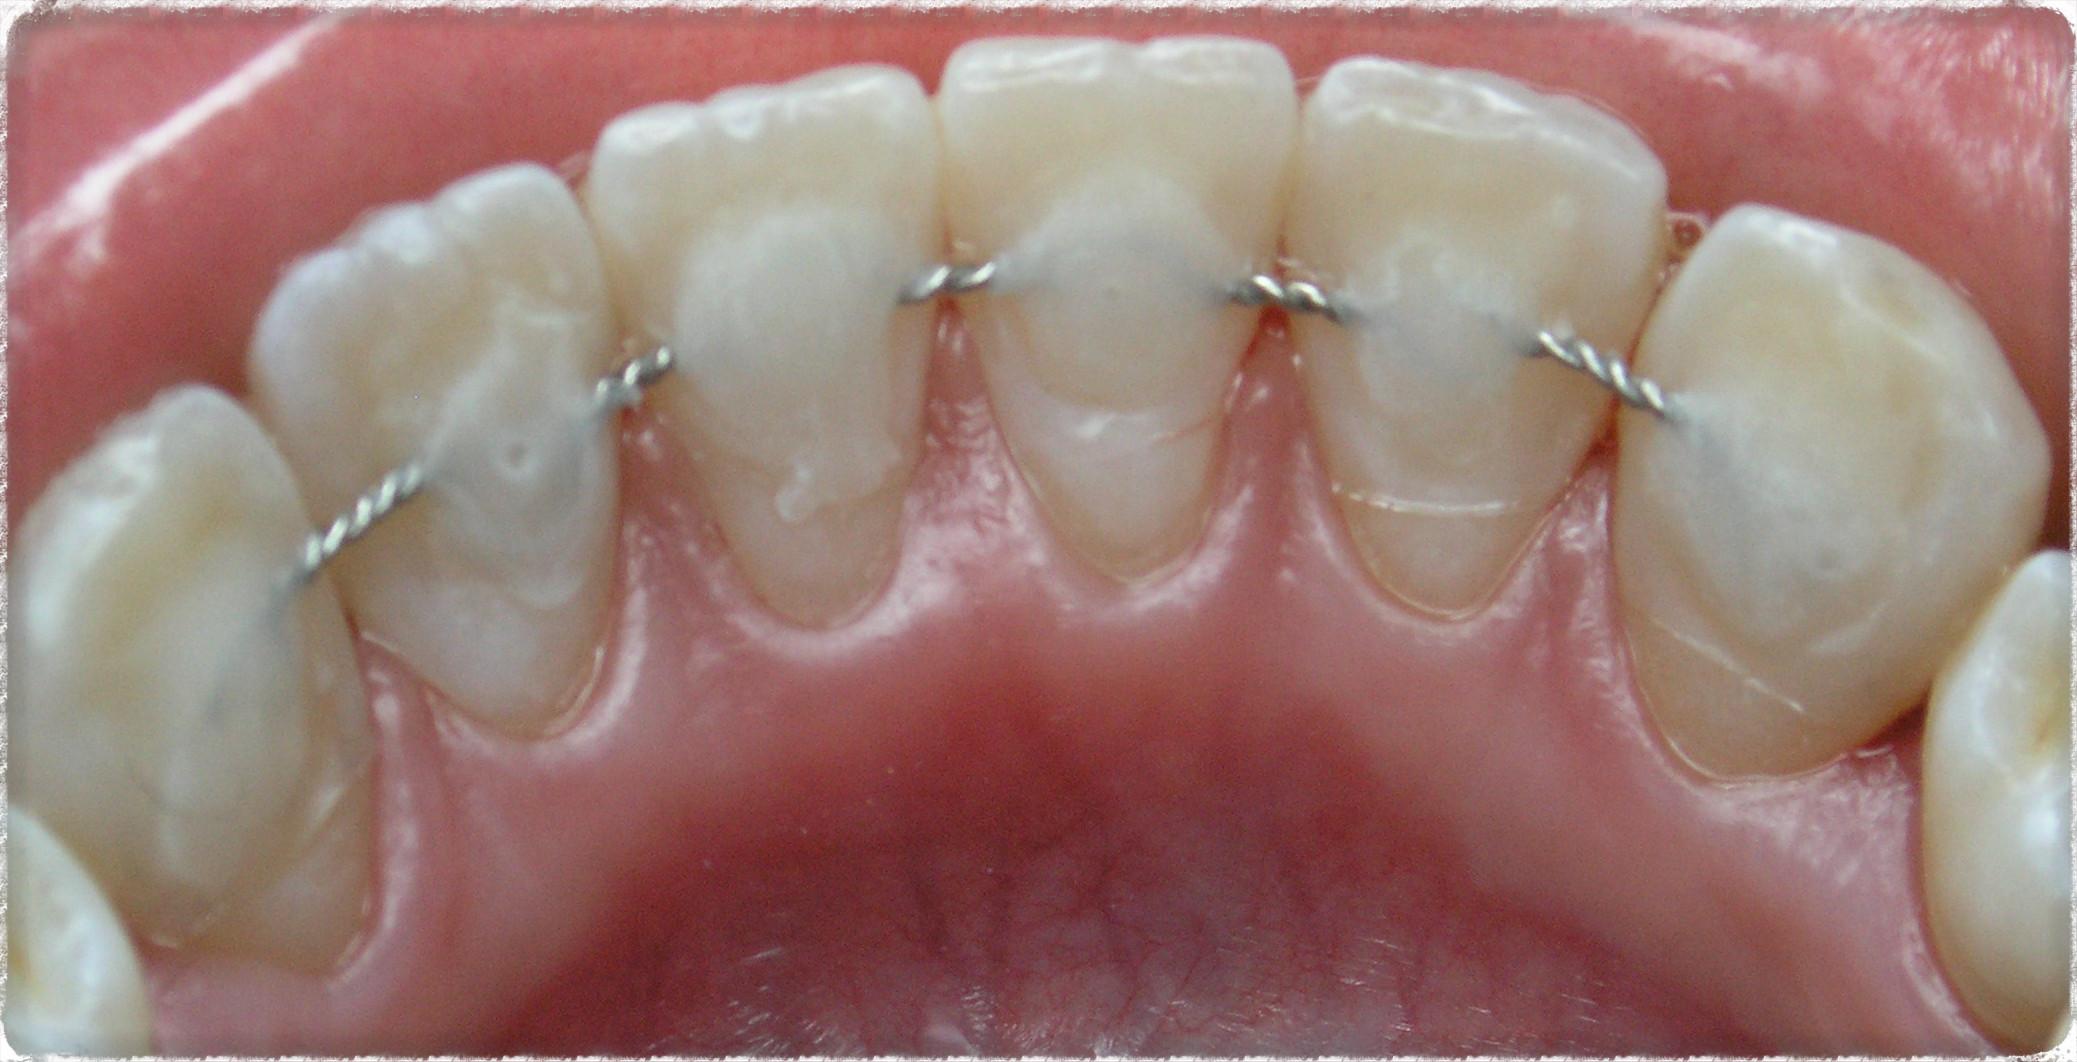 Картинки по запросу Шинирование зубов